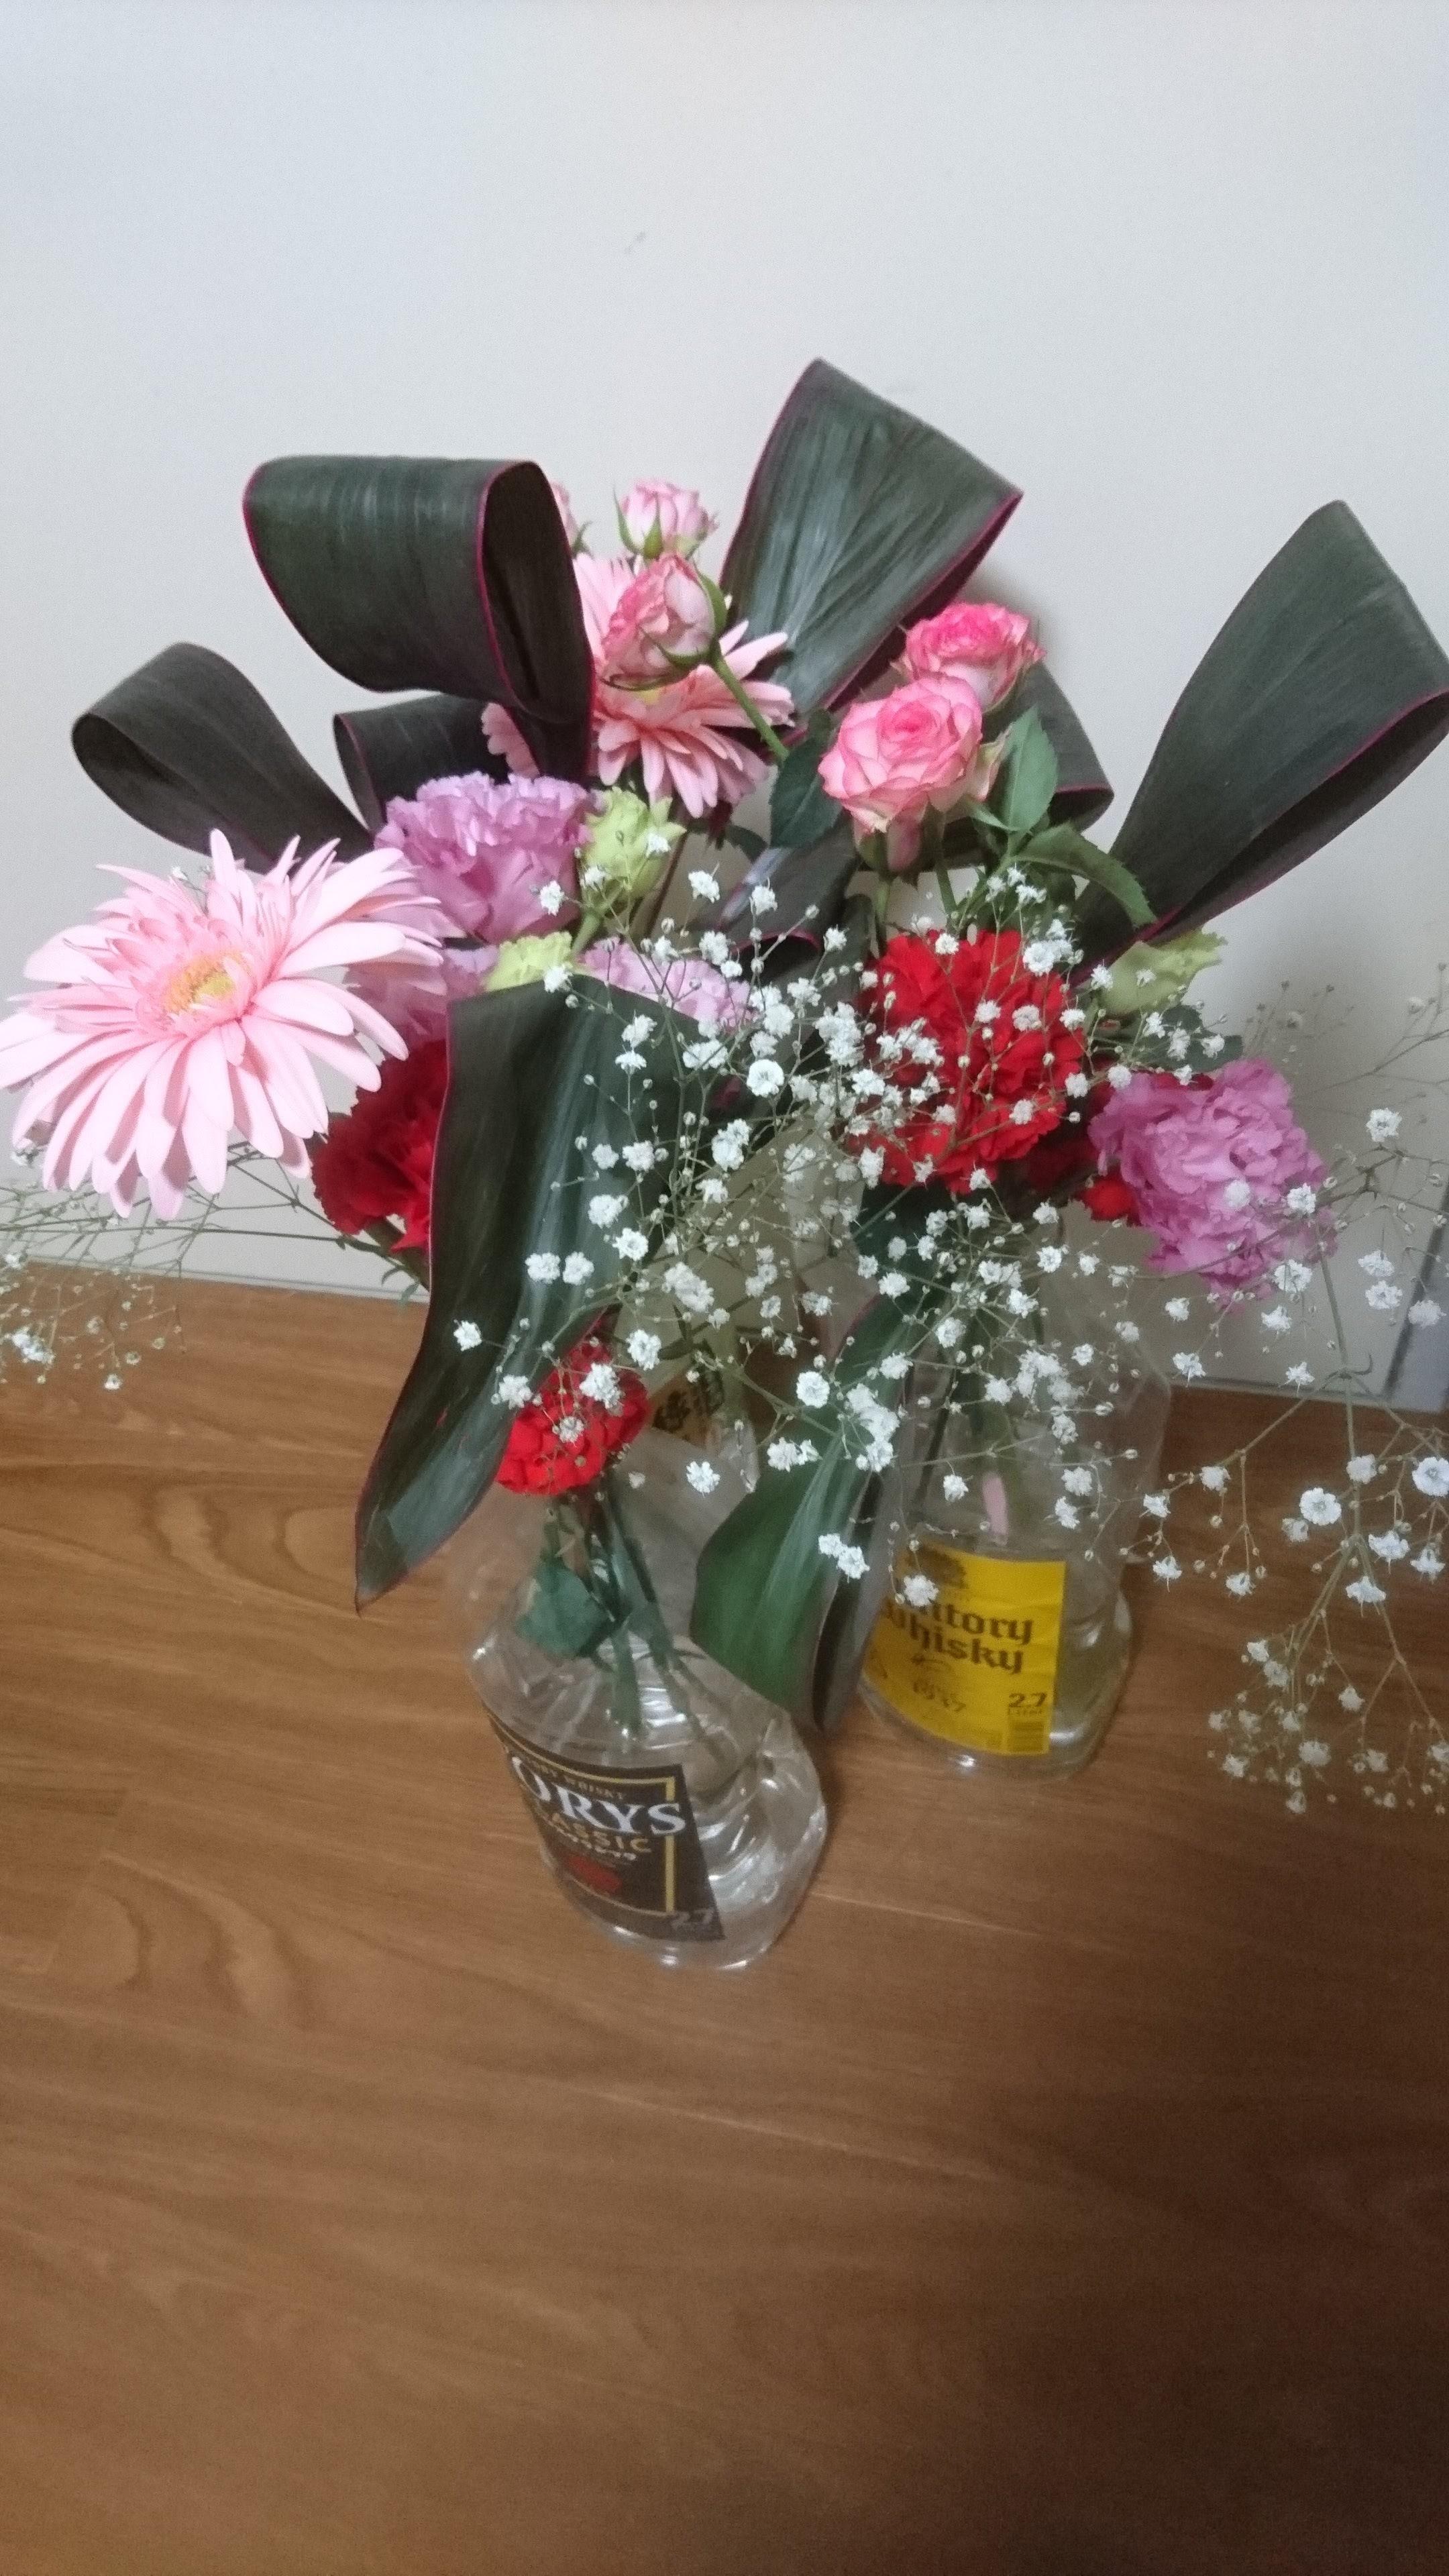 突然の贈り物、甘く香る花束 (よーこ せんせえ、お誕生日おめでとうございます)。(04/27)